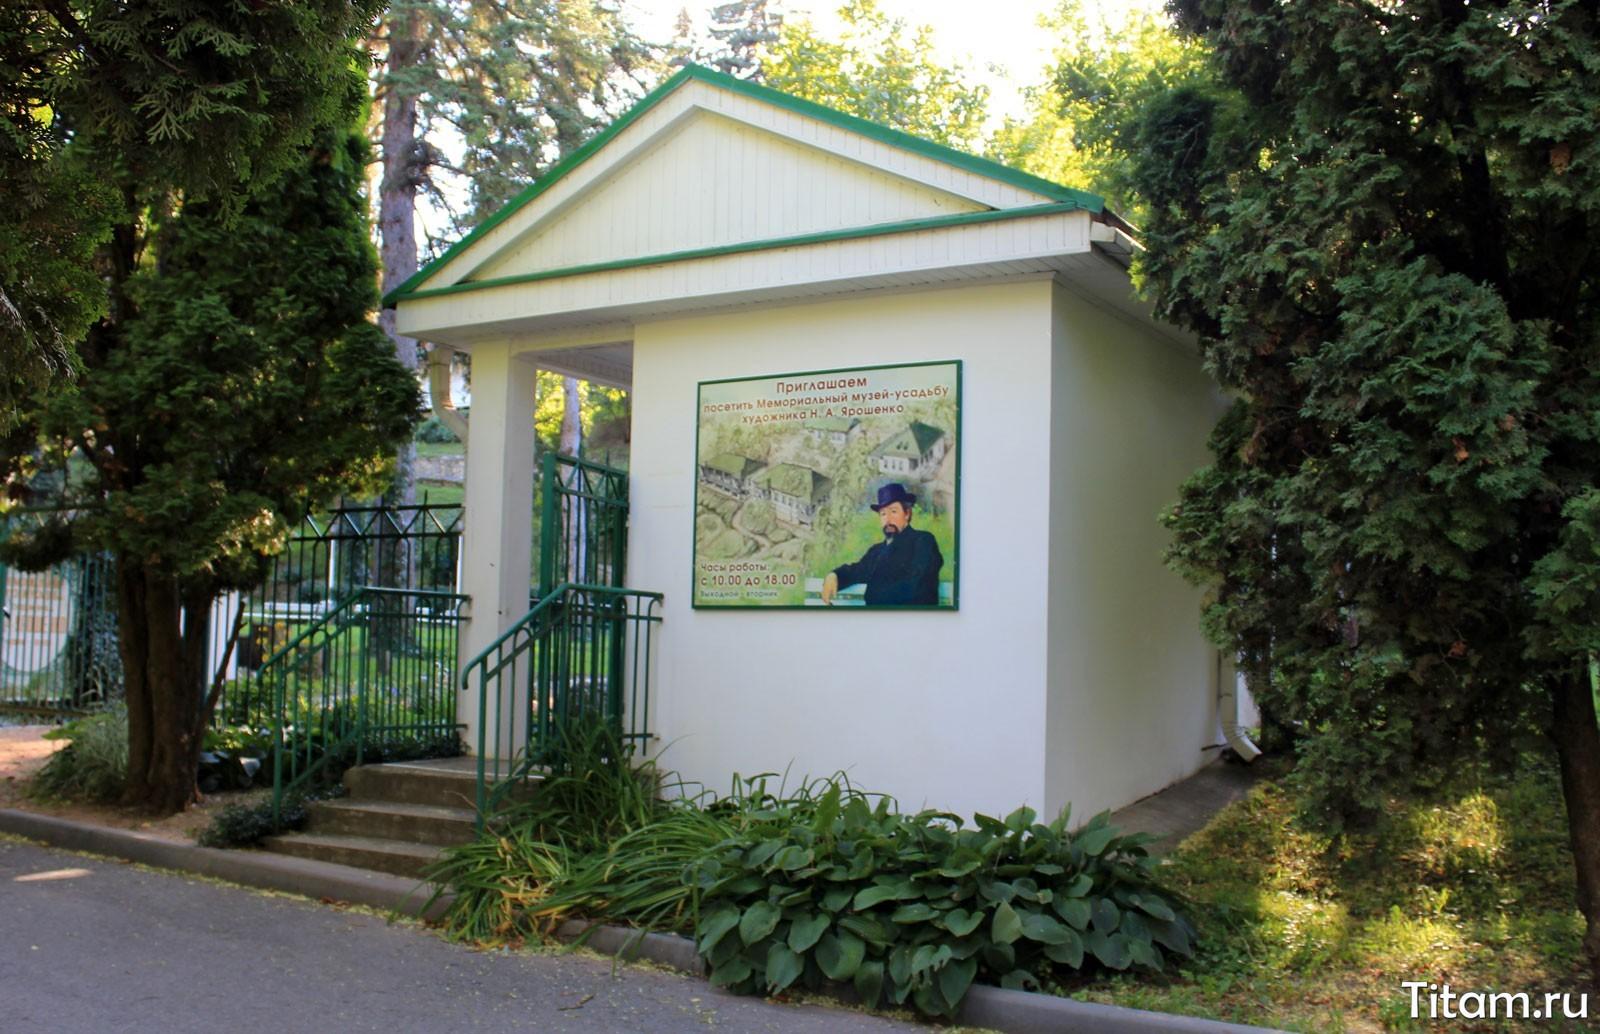 Музей-усадьба художника Ярошенко. Кисловодск